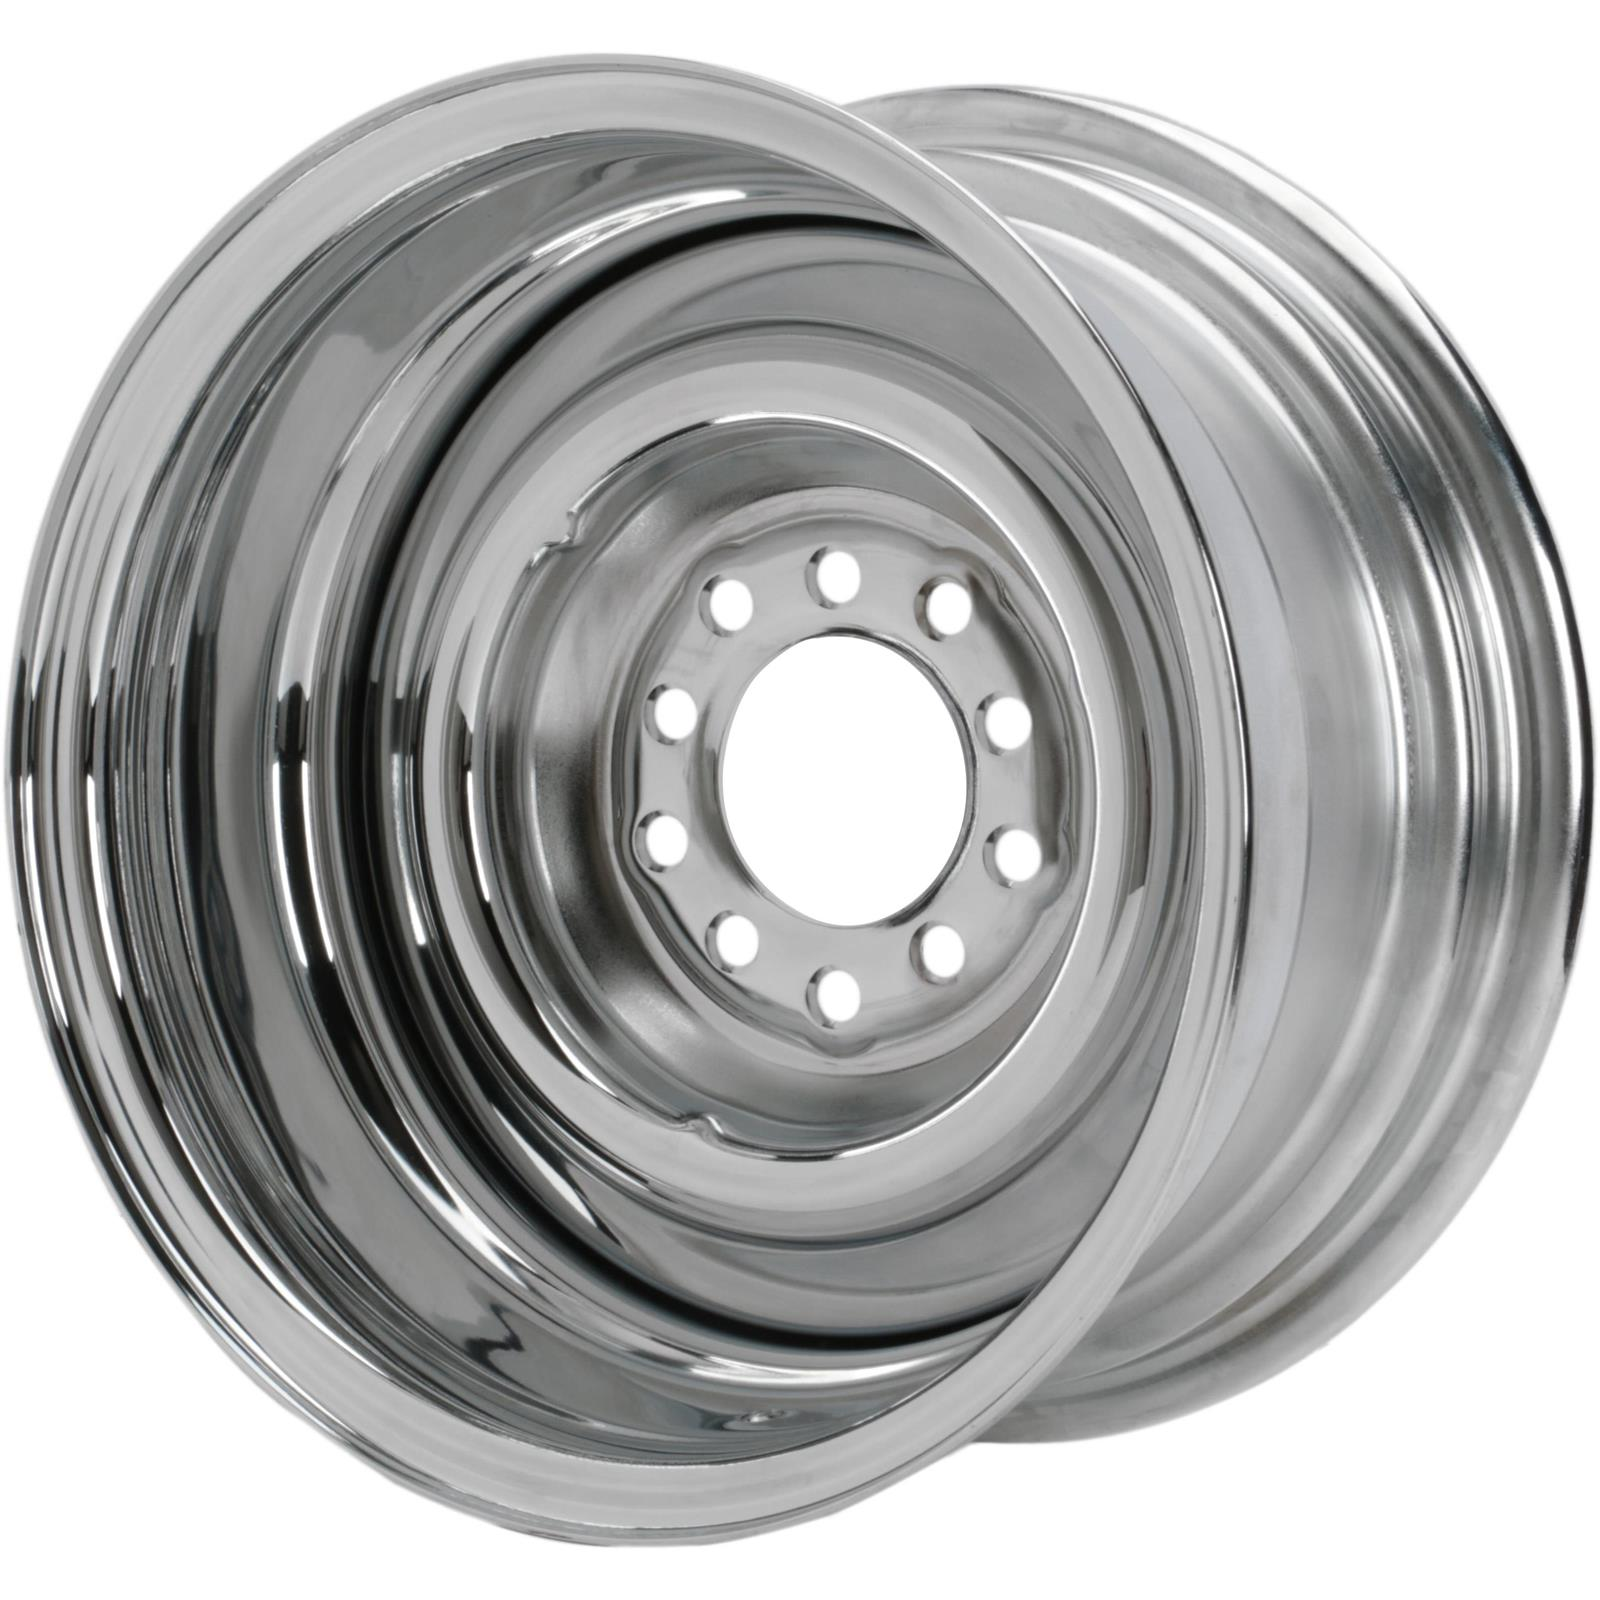 Speedway Smoothie Reverse 14x7  Steel Wheel, 5on4.5/4.75, 2.5 BS